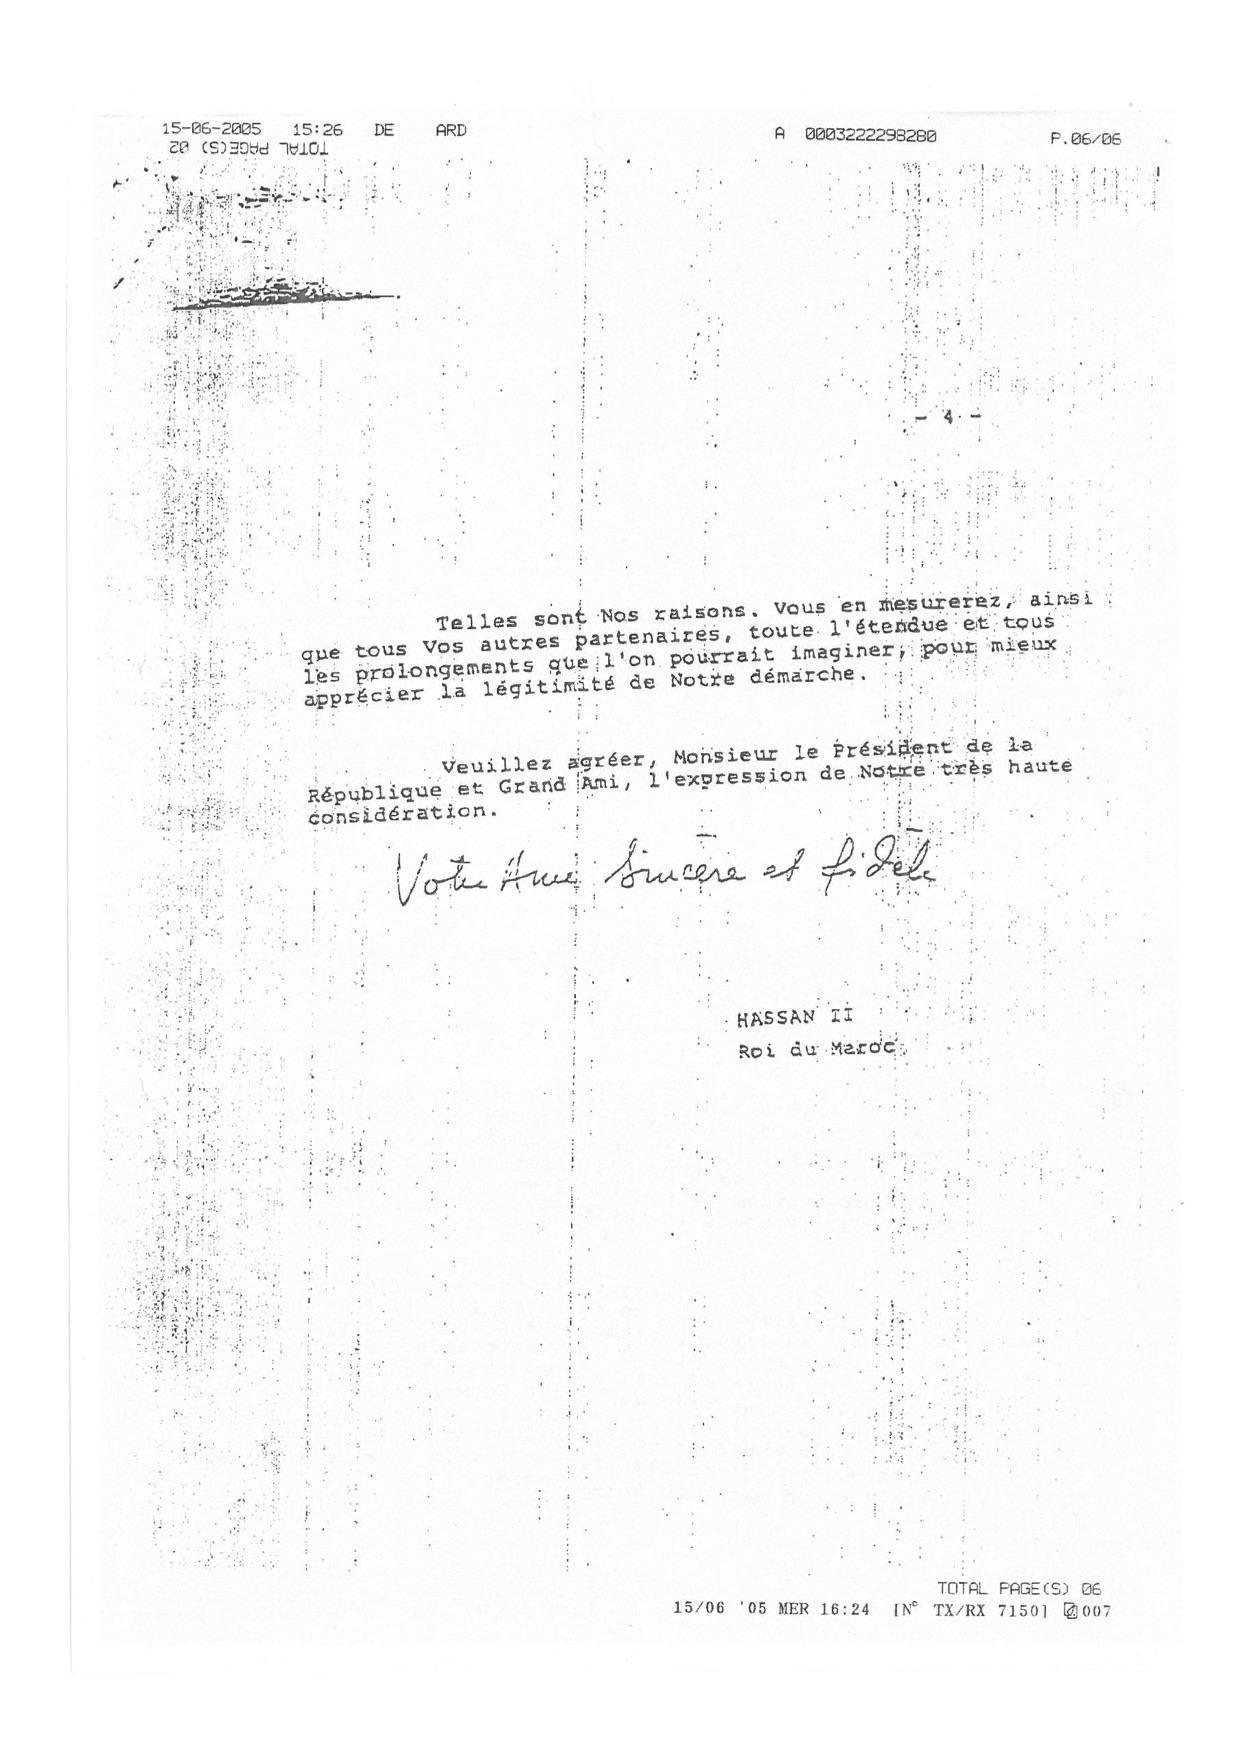 Lettre de Hassan II Mitterand 15.06.1984 four